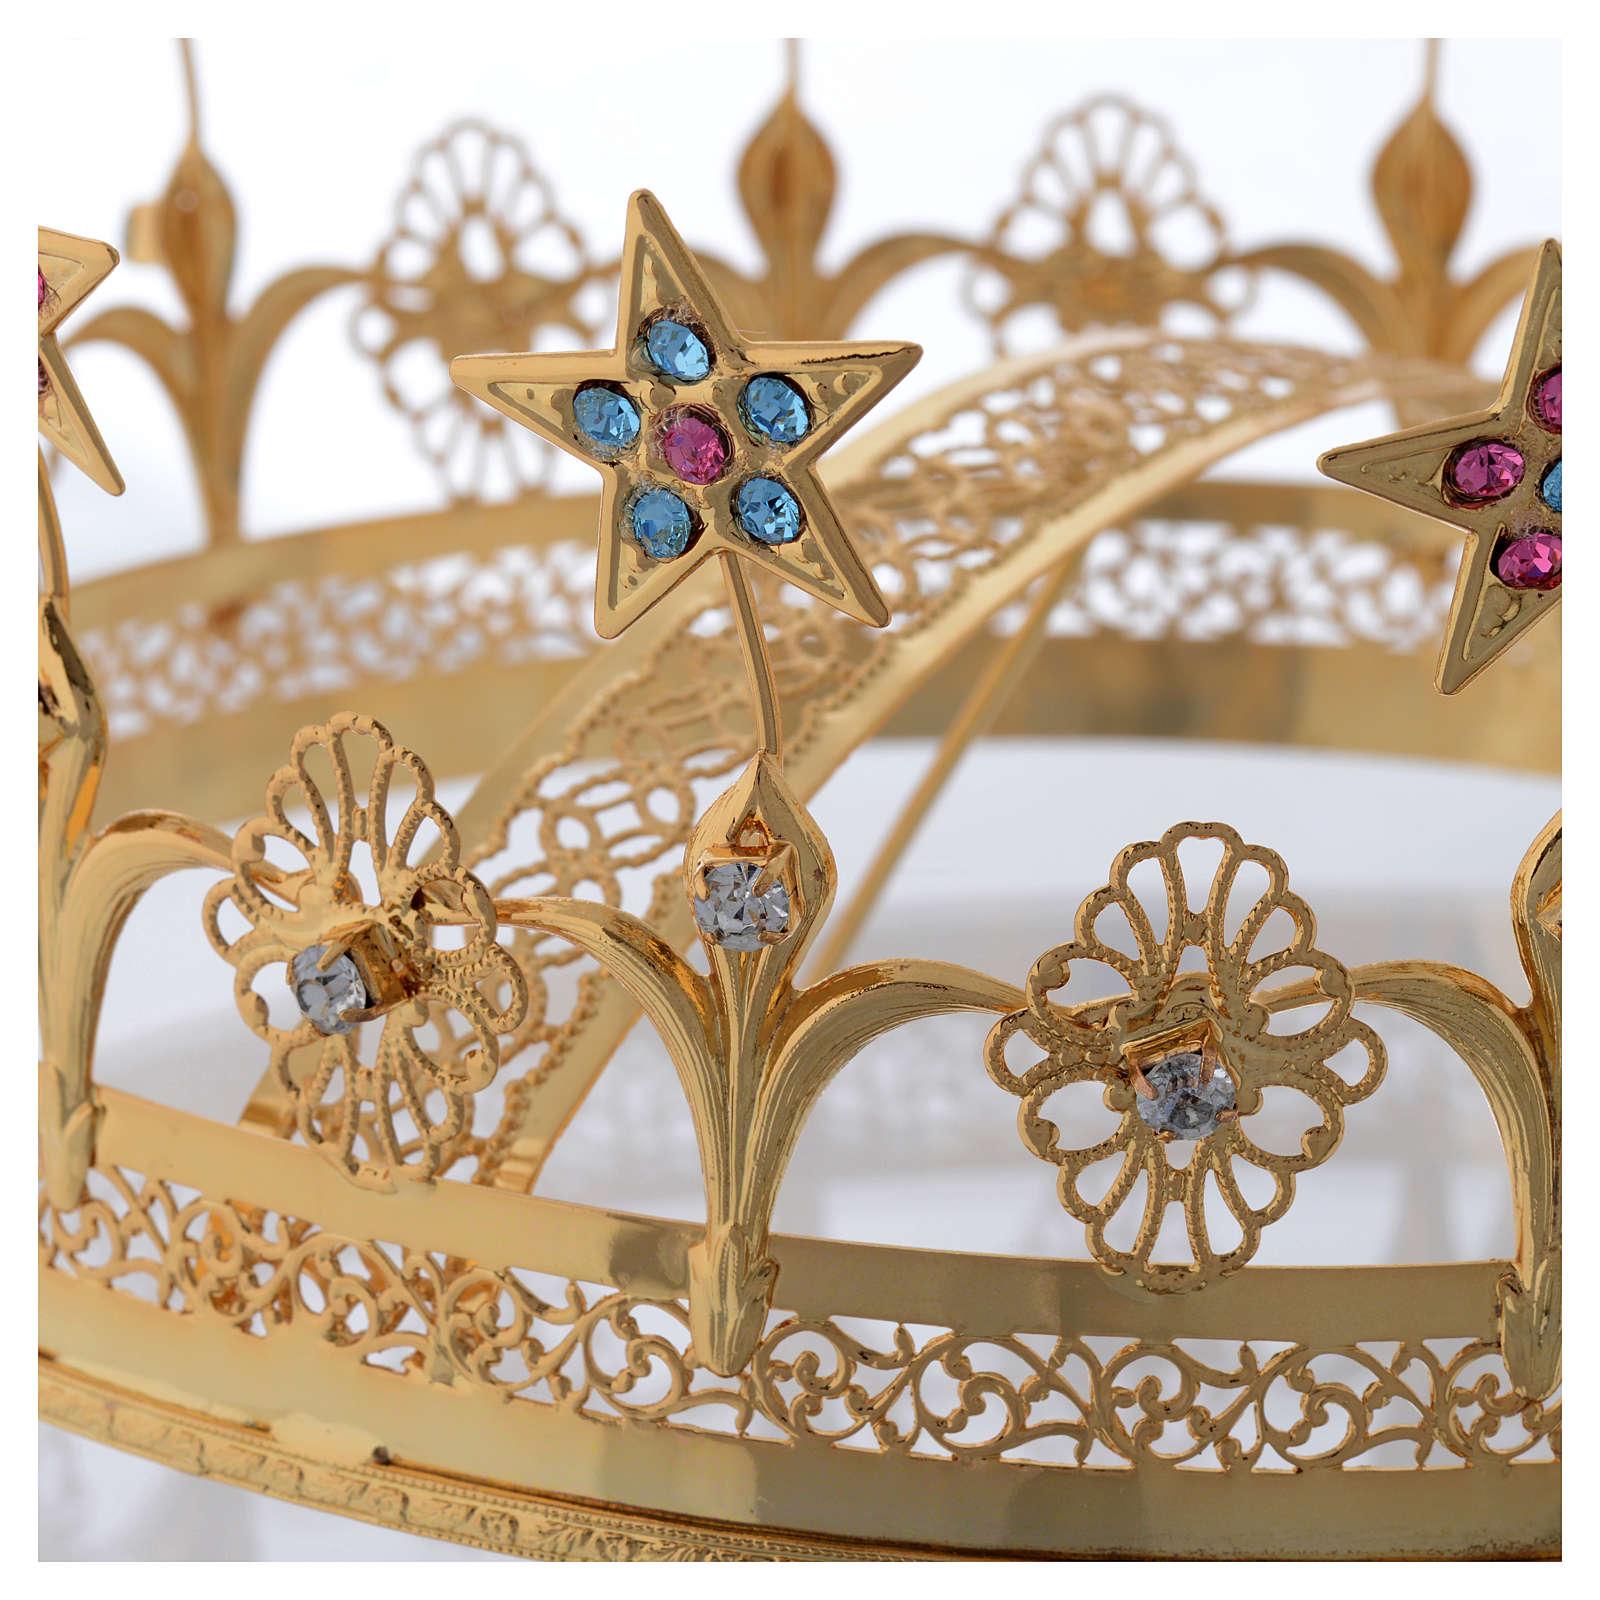 Coroncina Madonna ottone dorato filigranato 3